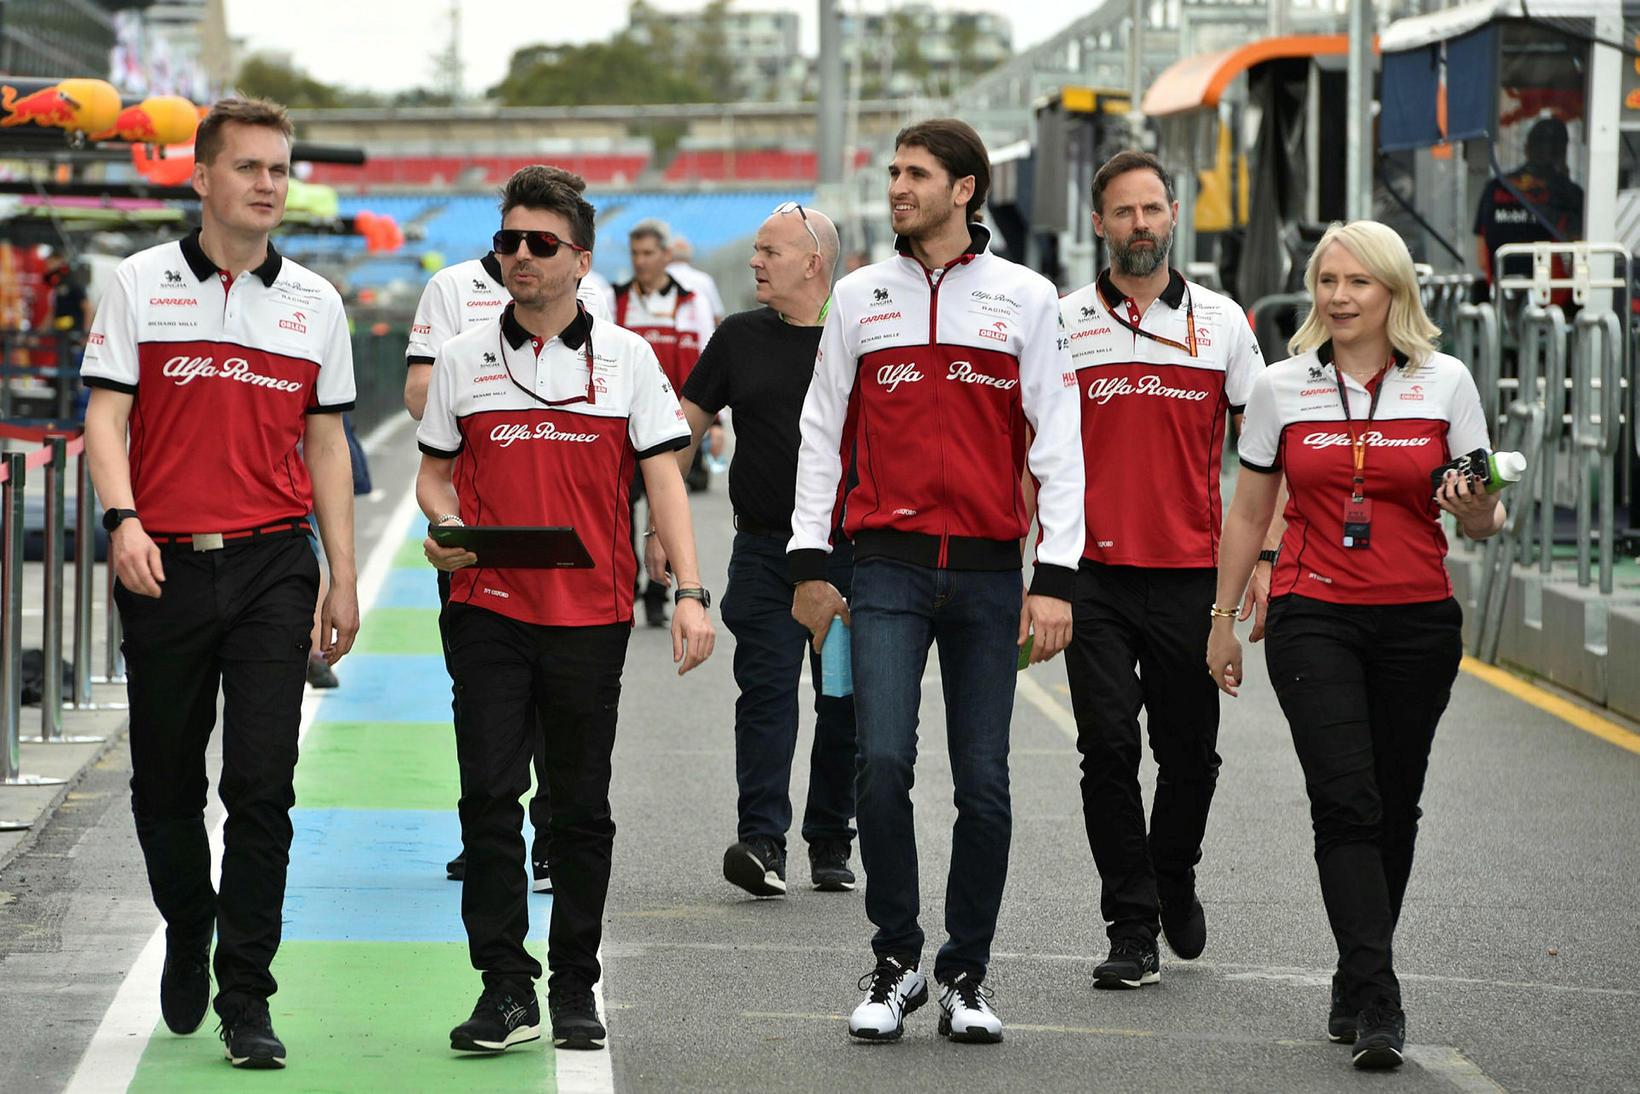 Antonio Giovanezzi hjá Alfa Romeo (fyrir miju) við brautarskoðun í …